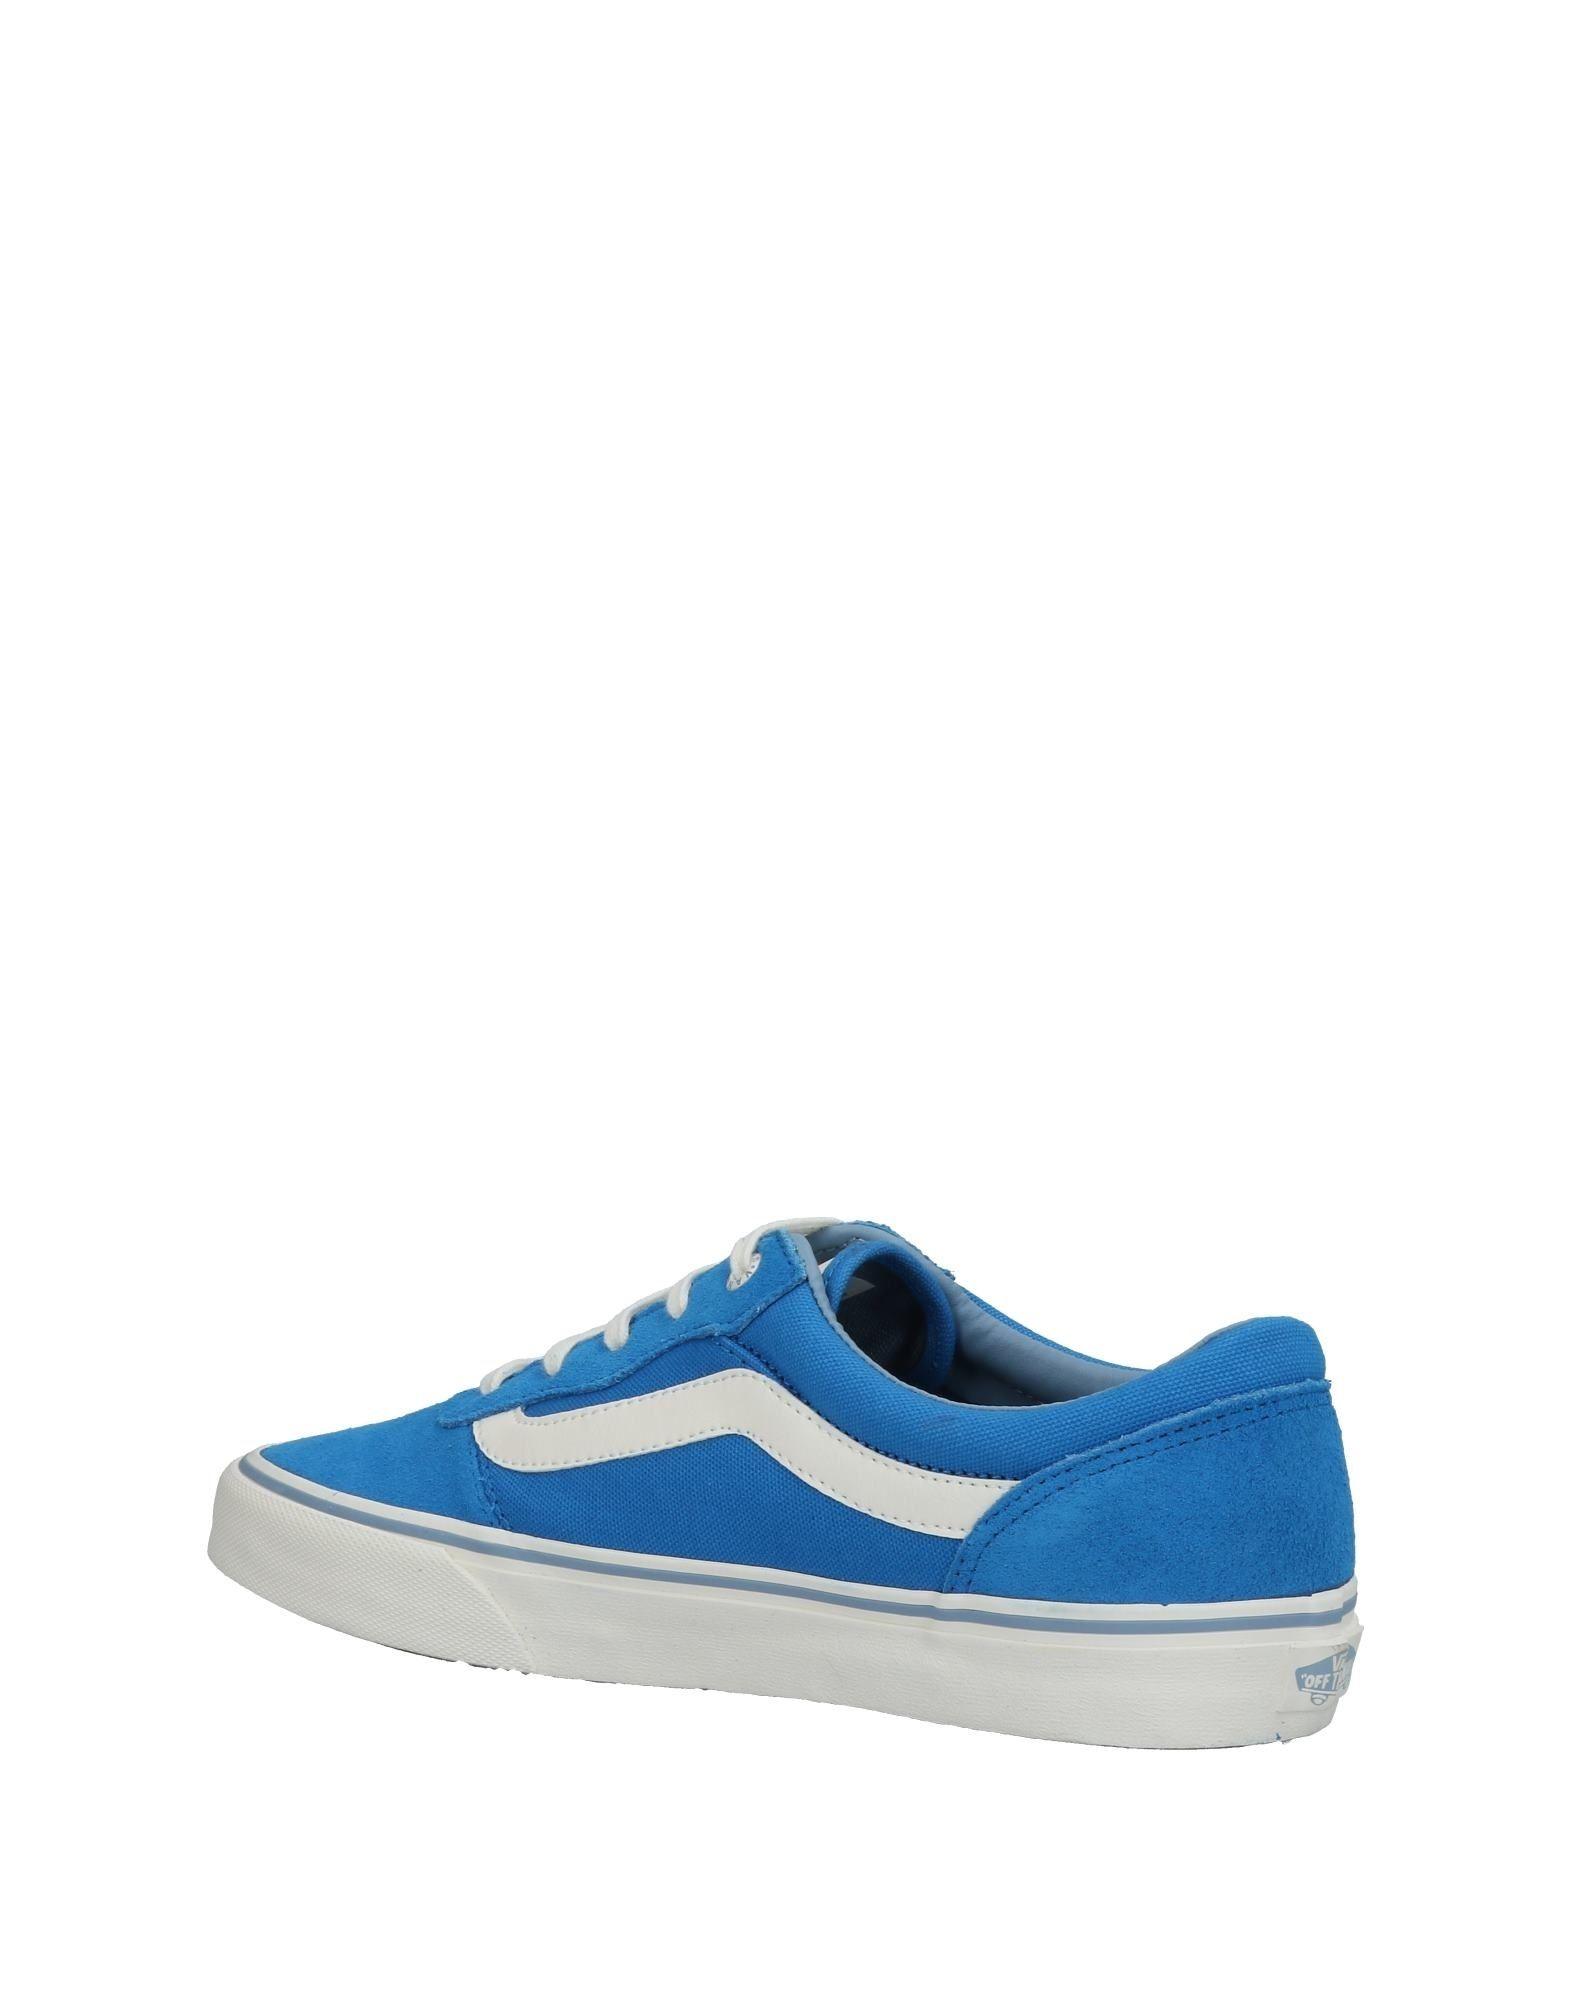 Vans Sneakers Herren  Heiße 11448418UX Heiße  Schuhe a8f161